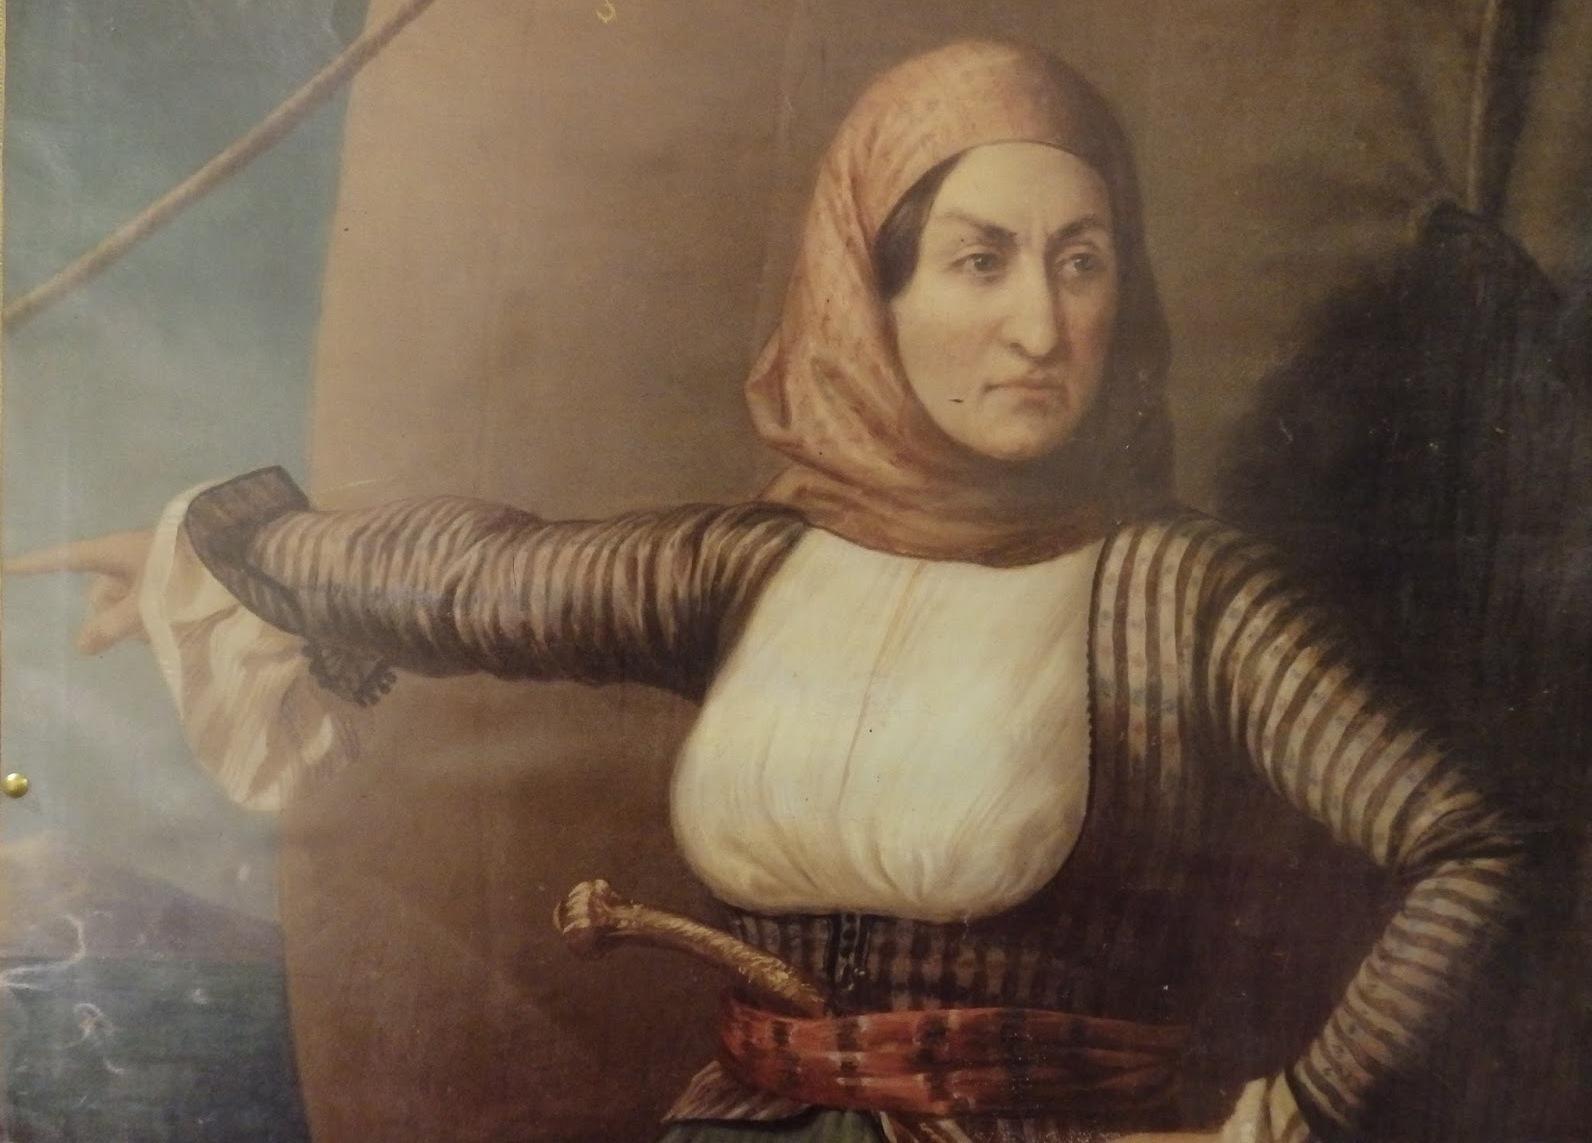 Η Λασκαρίνα Μπουμπουλίνα είναι μια από τις εννέα πιο σκληροτράχηλες γυναίκες της ιστορίας